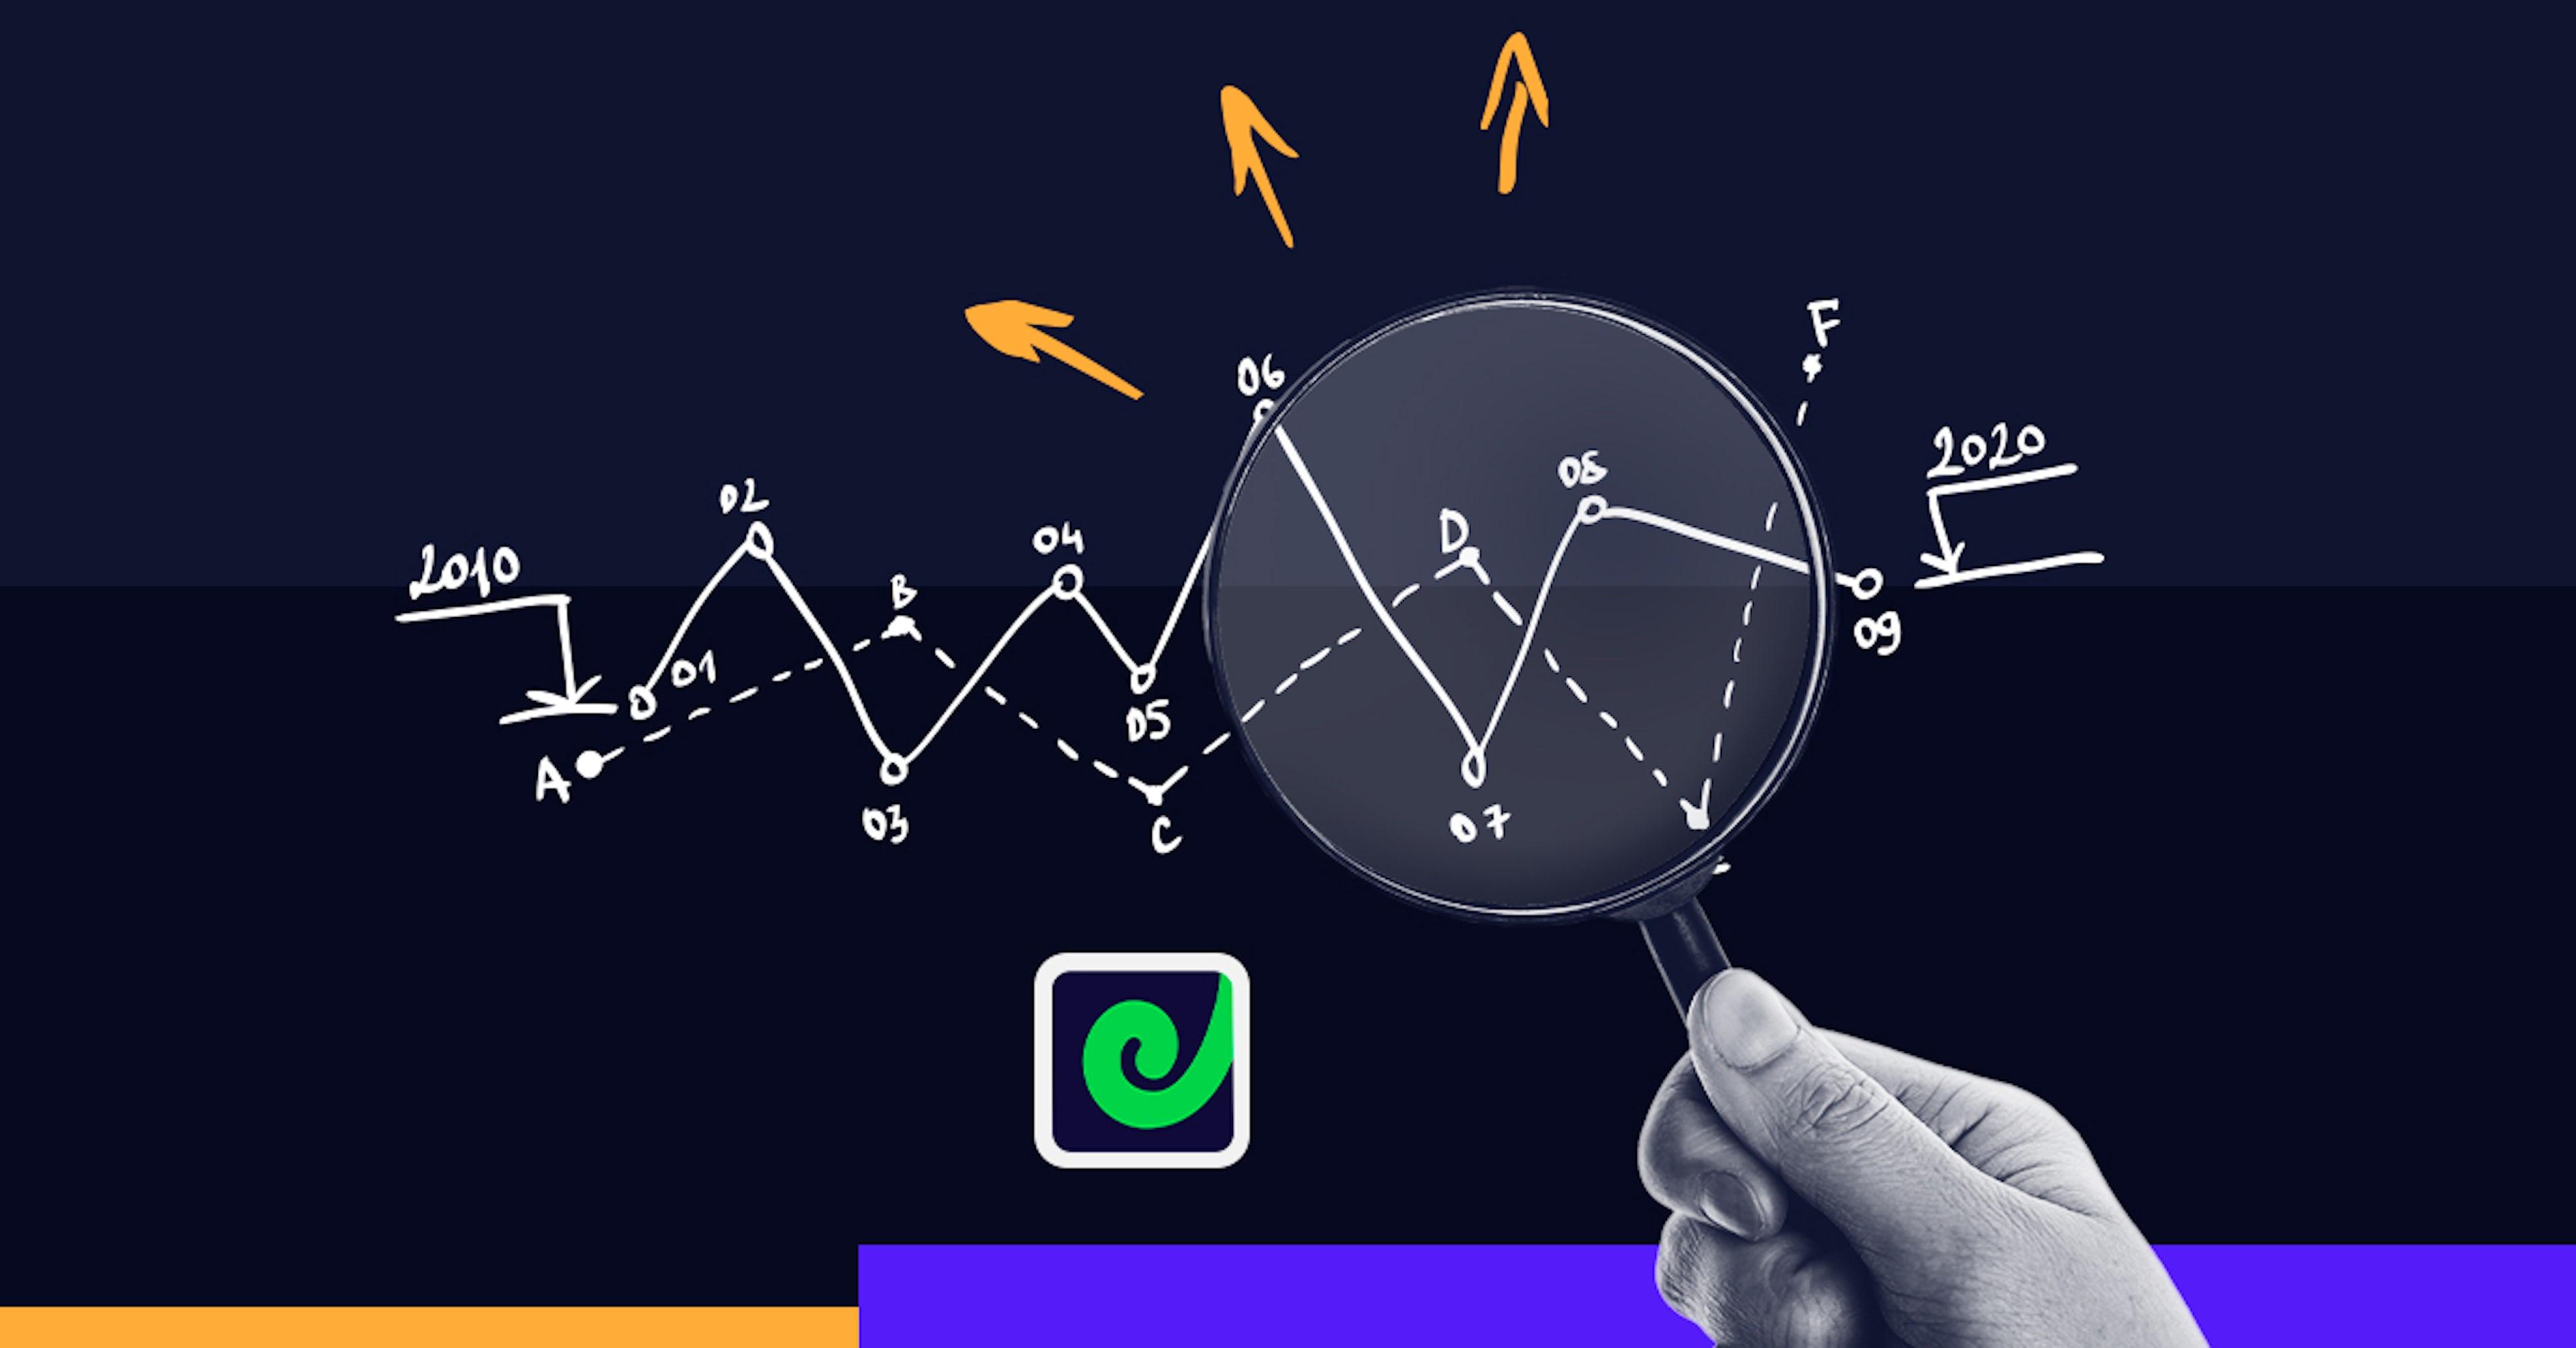 7 mejores herramientas de análisis de datos que cambiarán tu perspectiva